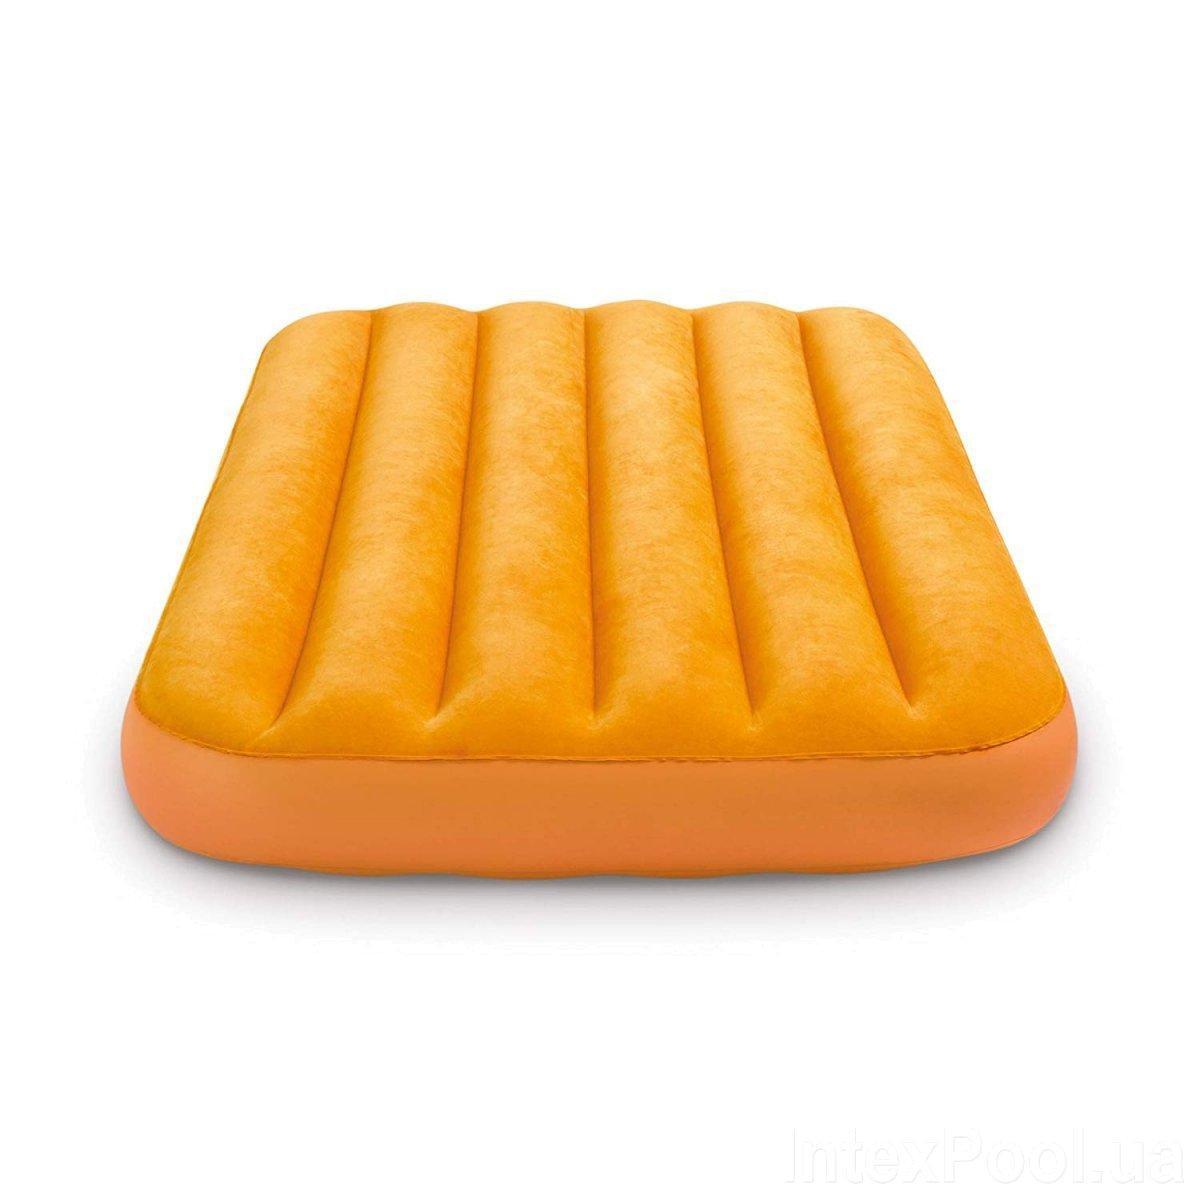 Надувной матрас Intex 66803, 88 x 157 x 18 см. Оранжевый. Одноместный